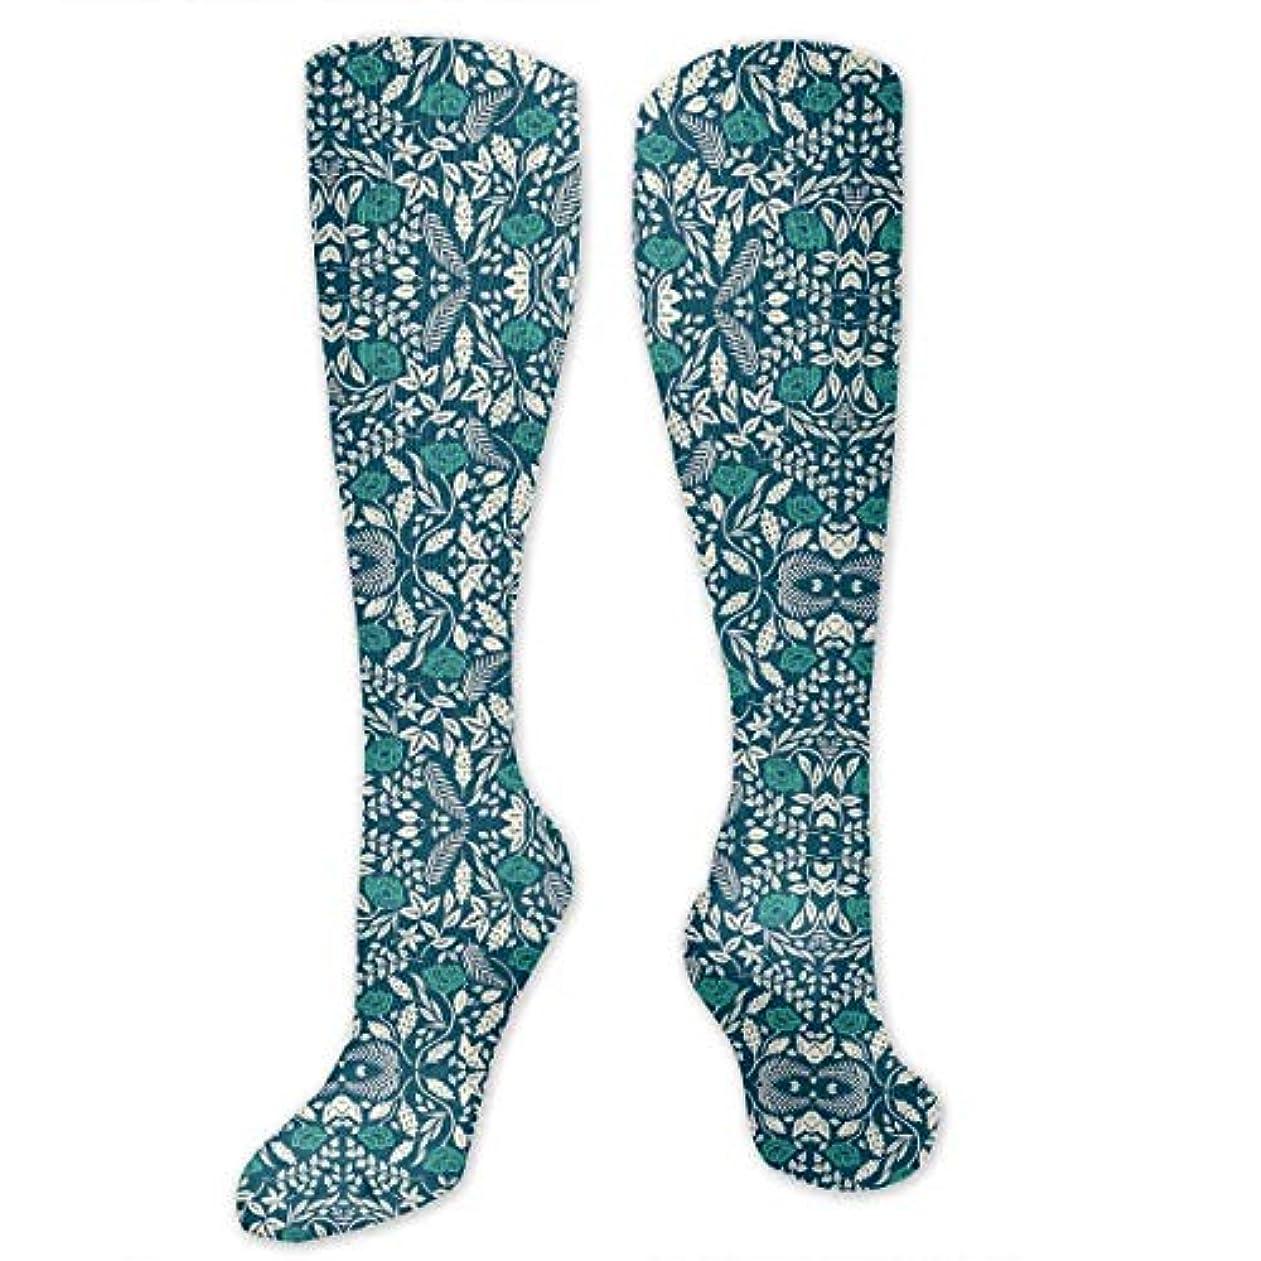 近所の砲撃一方、靴下,ストッキング,野生のジョーカー,実際,秋の本質,冬必須,サマーウェア&RBXAA Teal, White Blue Flowers Socks Women's Winter Cotton Long Tube Socks...